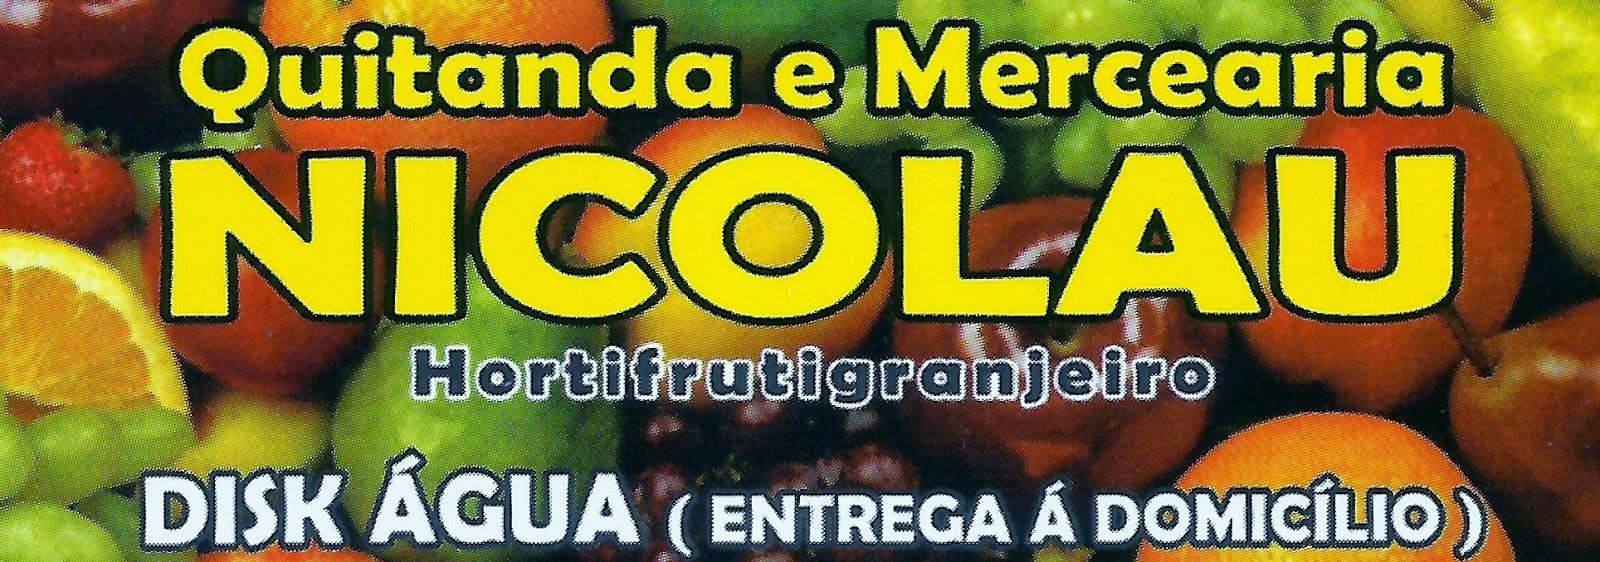 Quitanda e Mercearia NICOLAU  Hortifrutigranjeiro Disk Água Entrega em Domicílio Rua. Cerqueira Cesar, 421 Centro - Sarapuí - SP tel: (15) 99783-6849 / 99738-6849